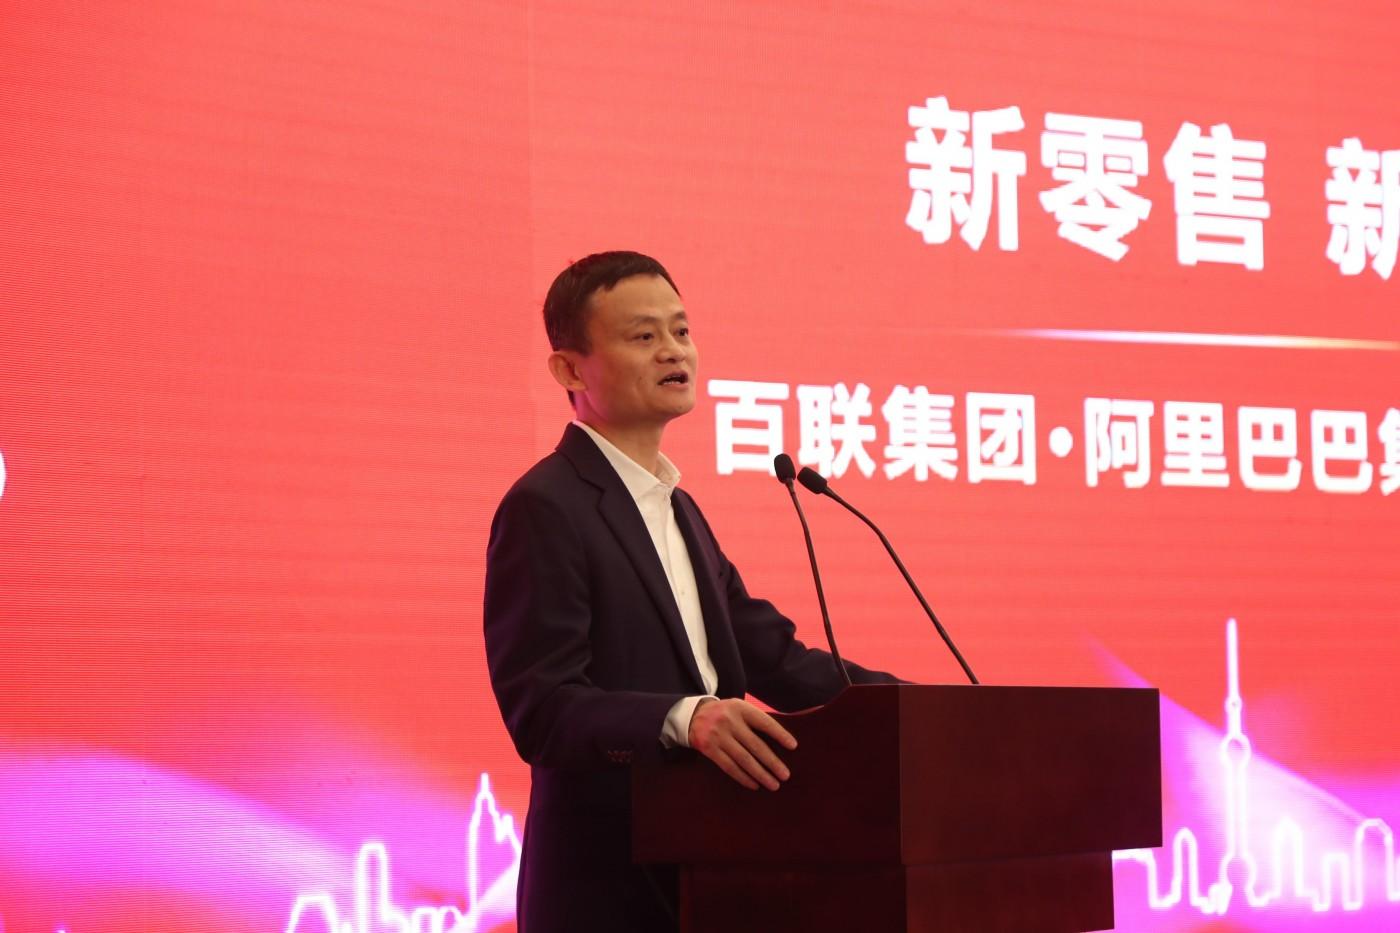 馬雲定調阿里巴巴新零售元年,首站攜手百聯集團上海起跑